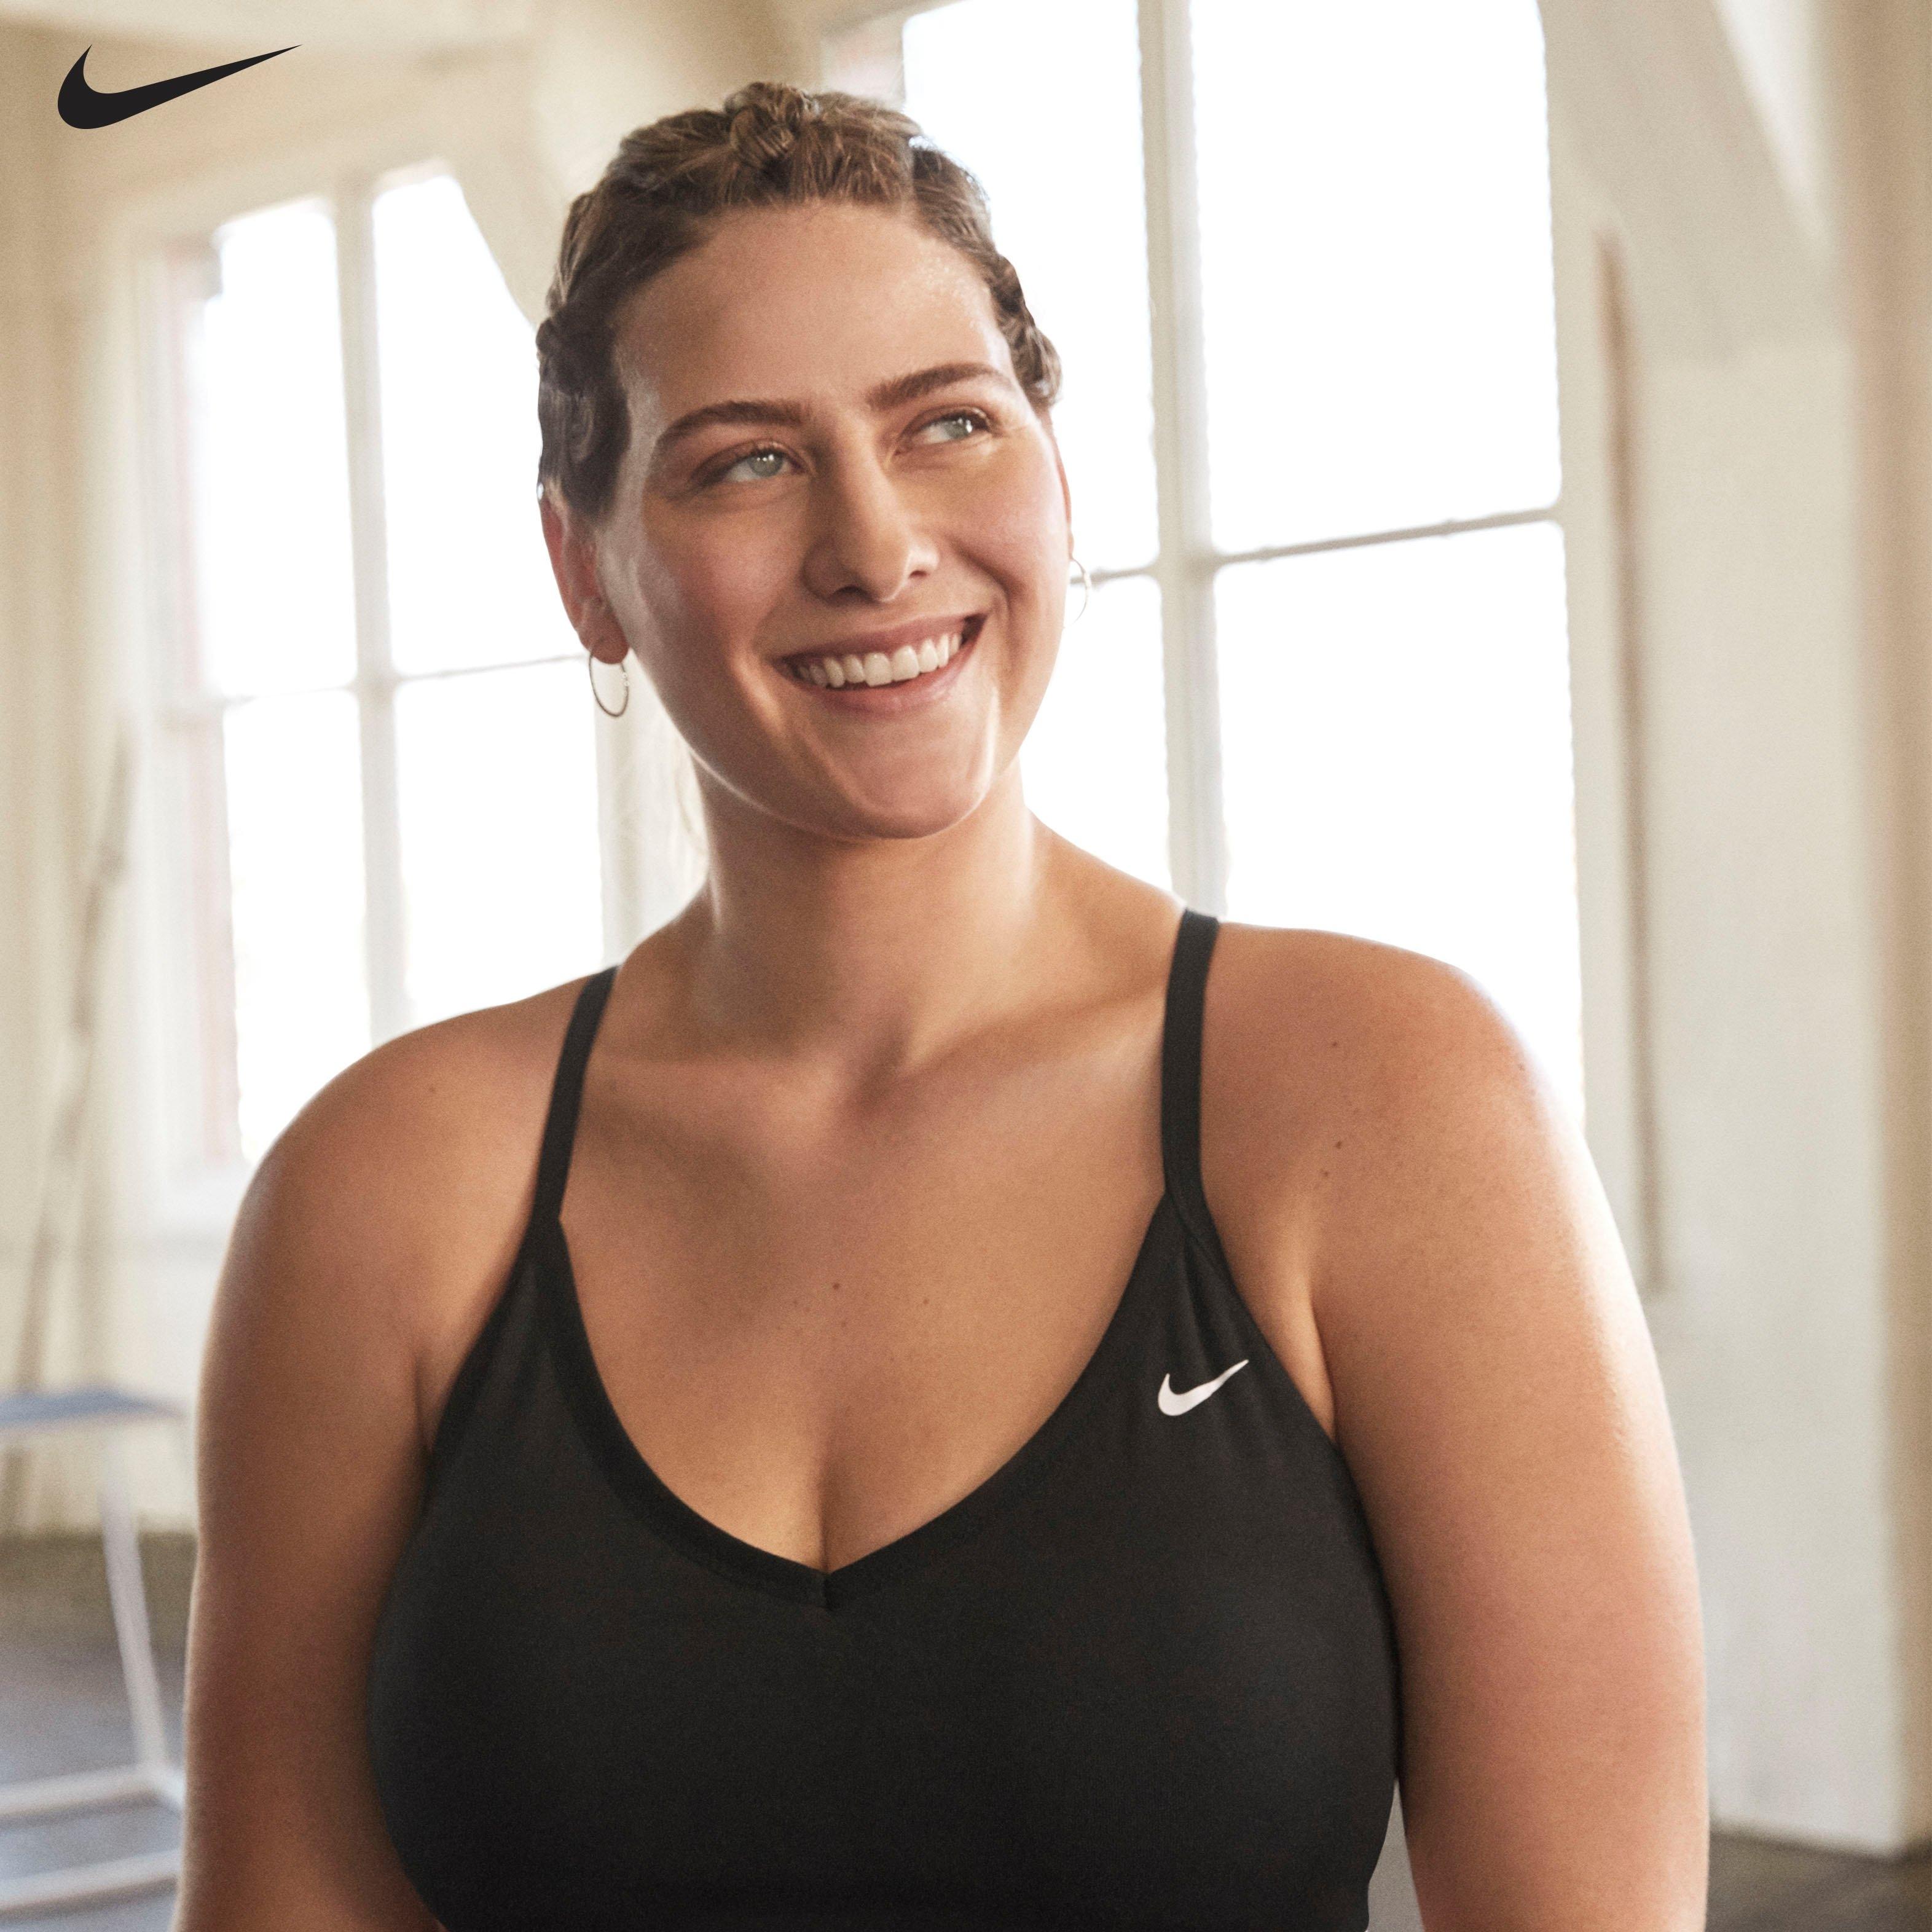 Nike sportbustier »NIKE INDY PLUS SIZE BRA« bestellen: 30 dagen bedenktijd